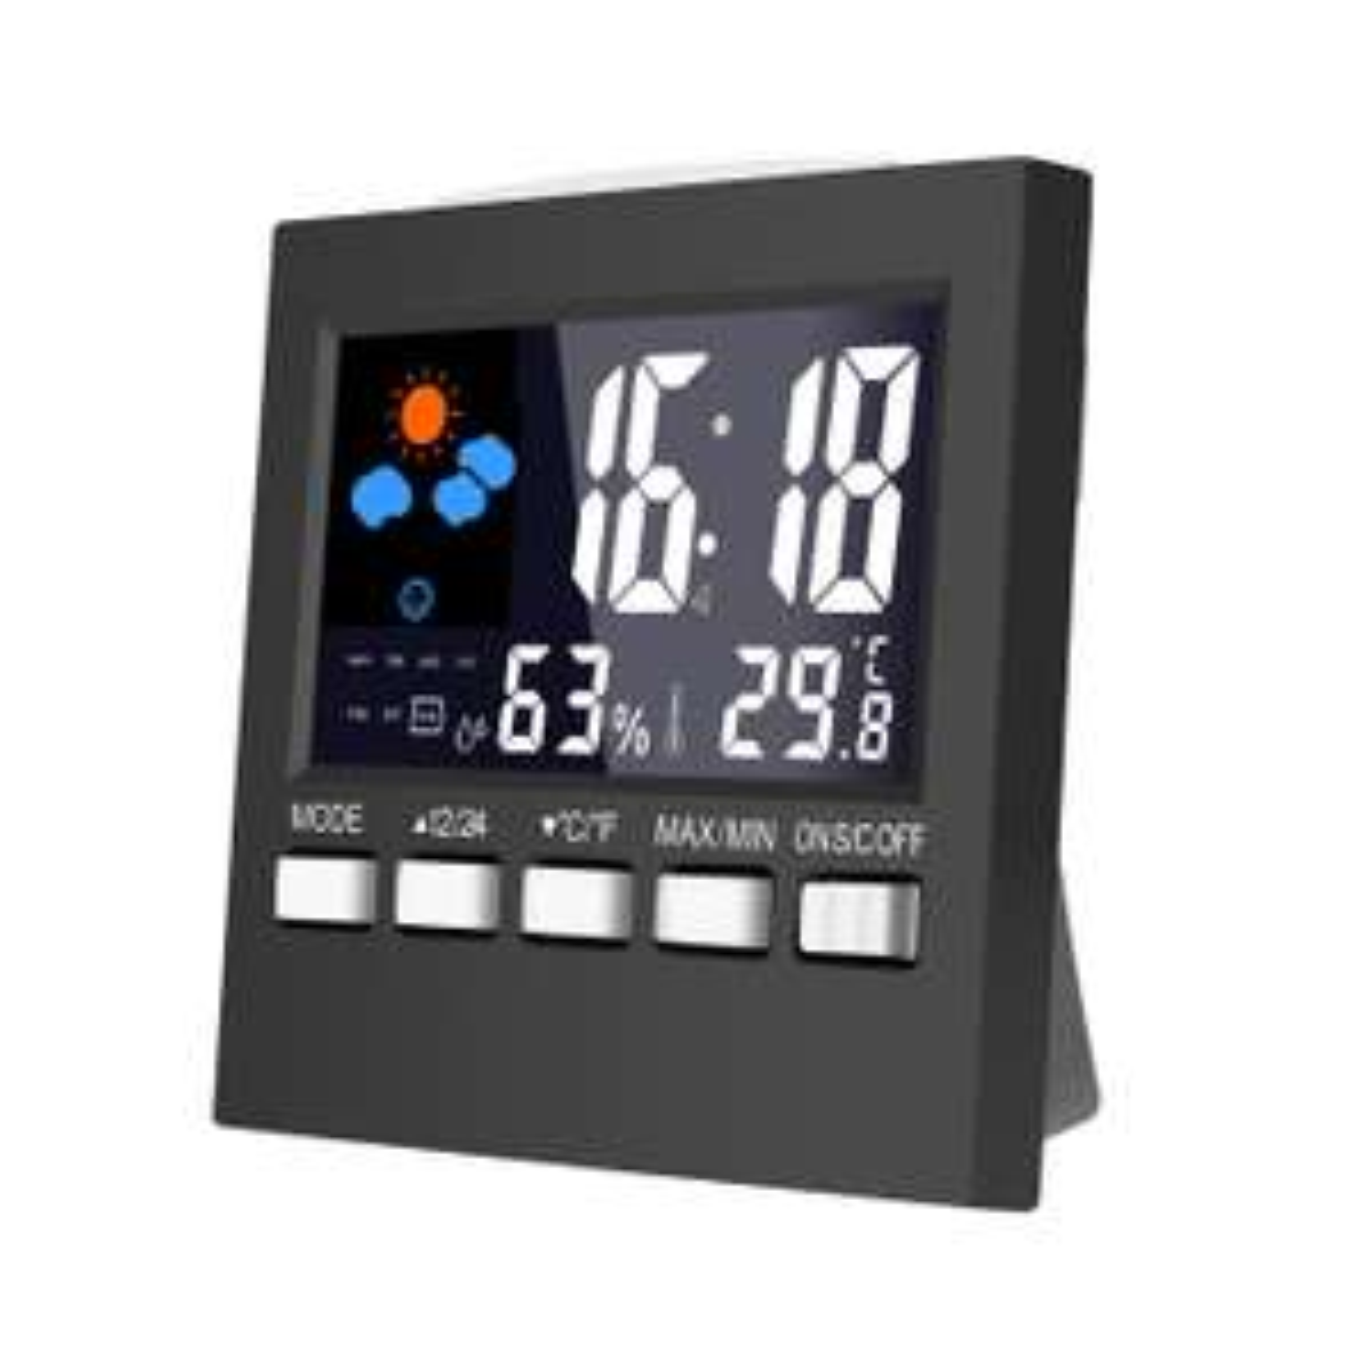 Digitale Wetterstation, Uhr, Wecker, Loskii DC-001